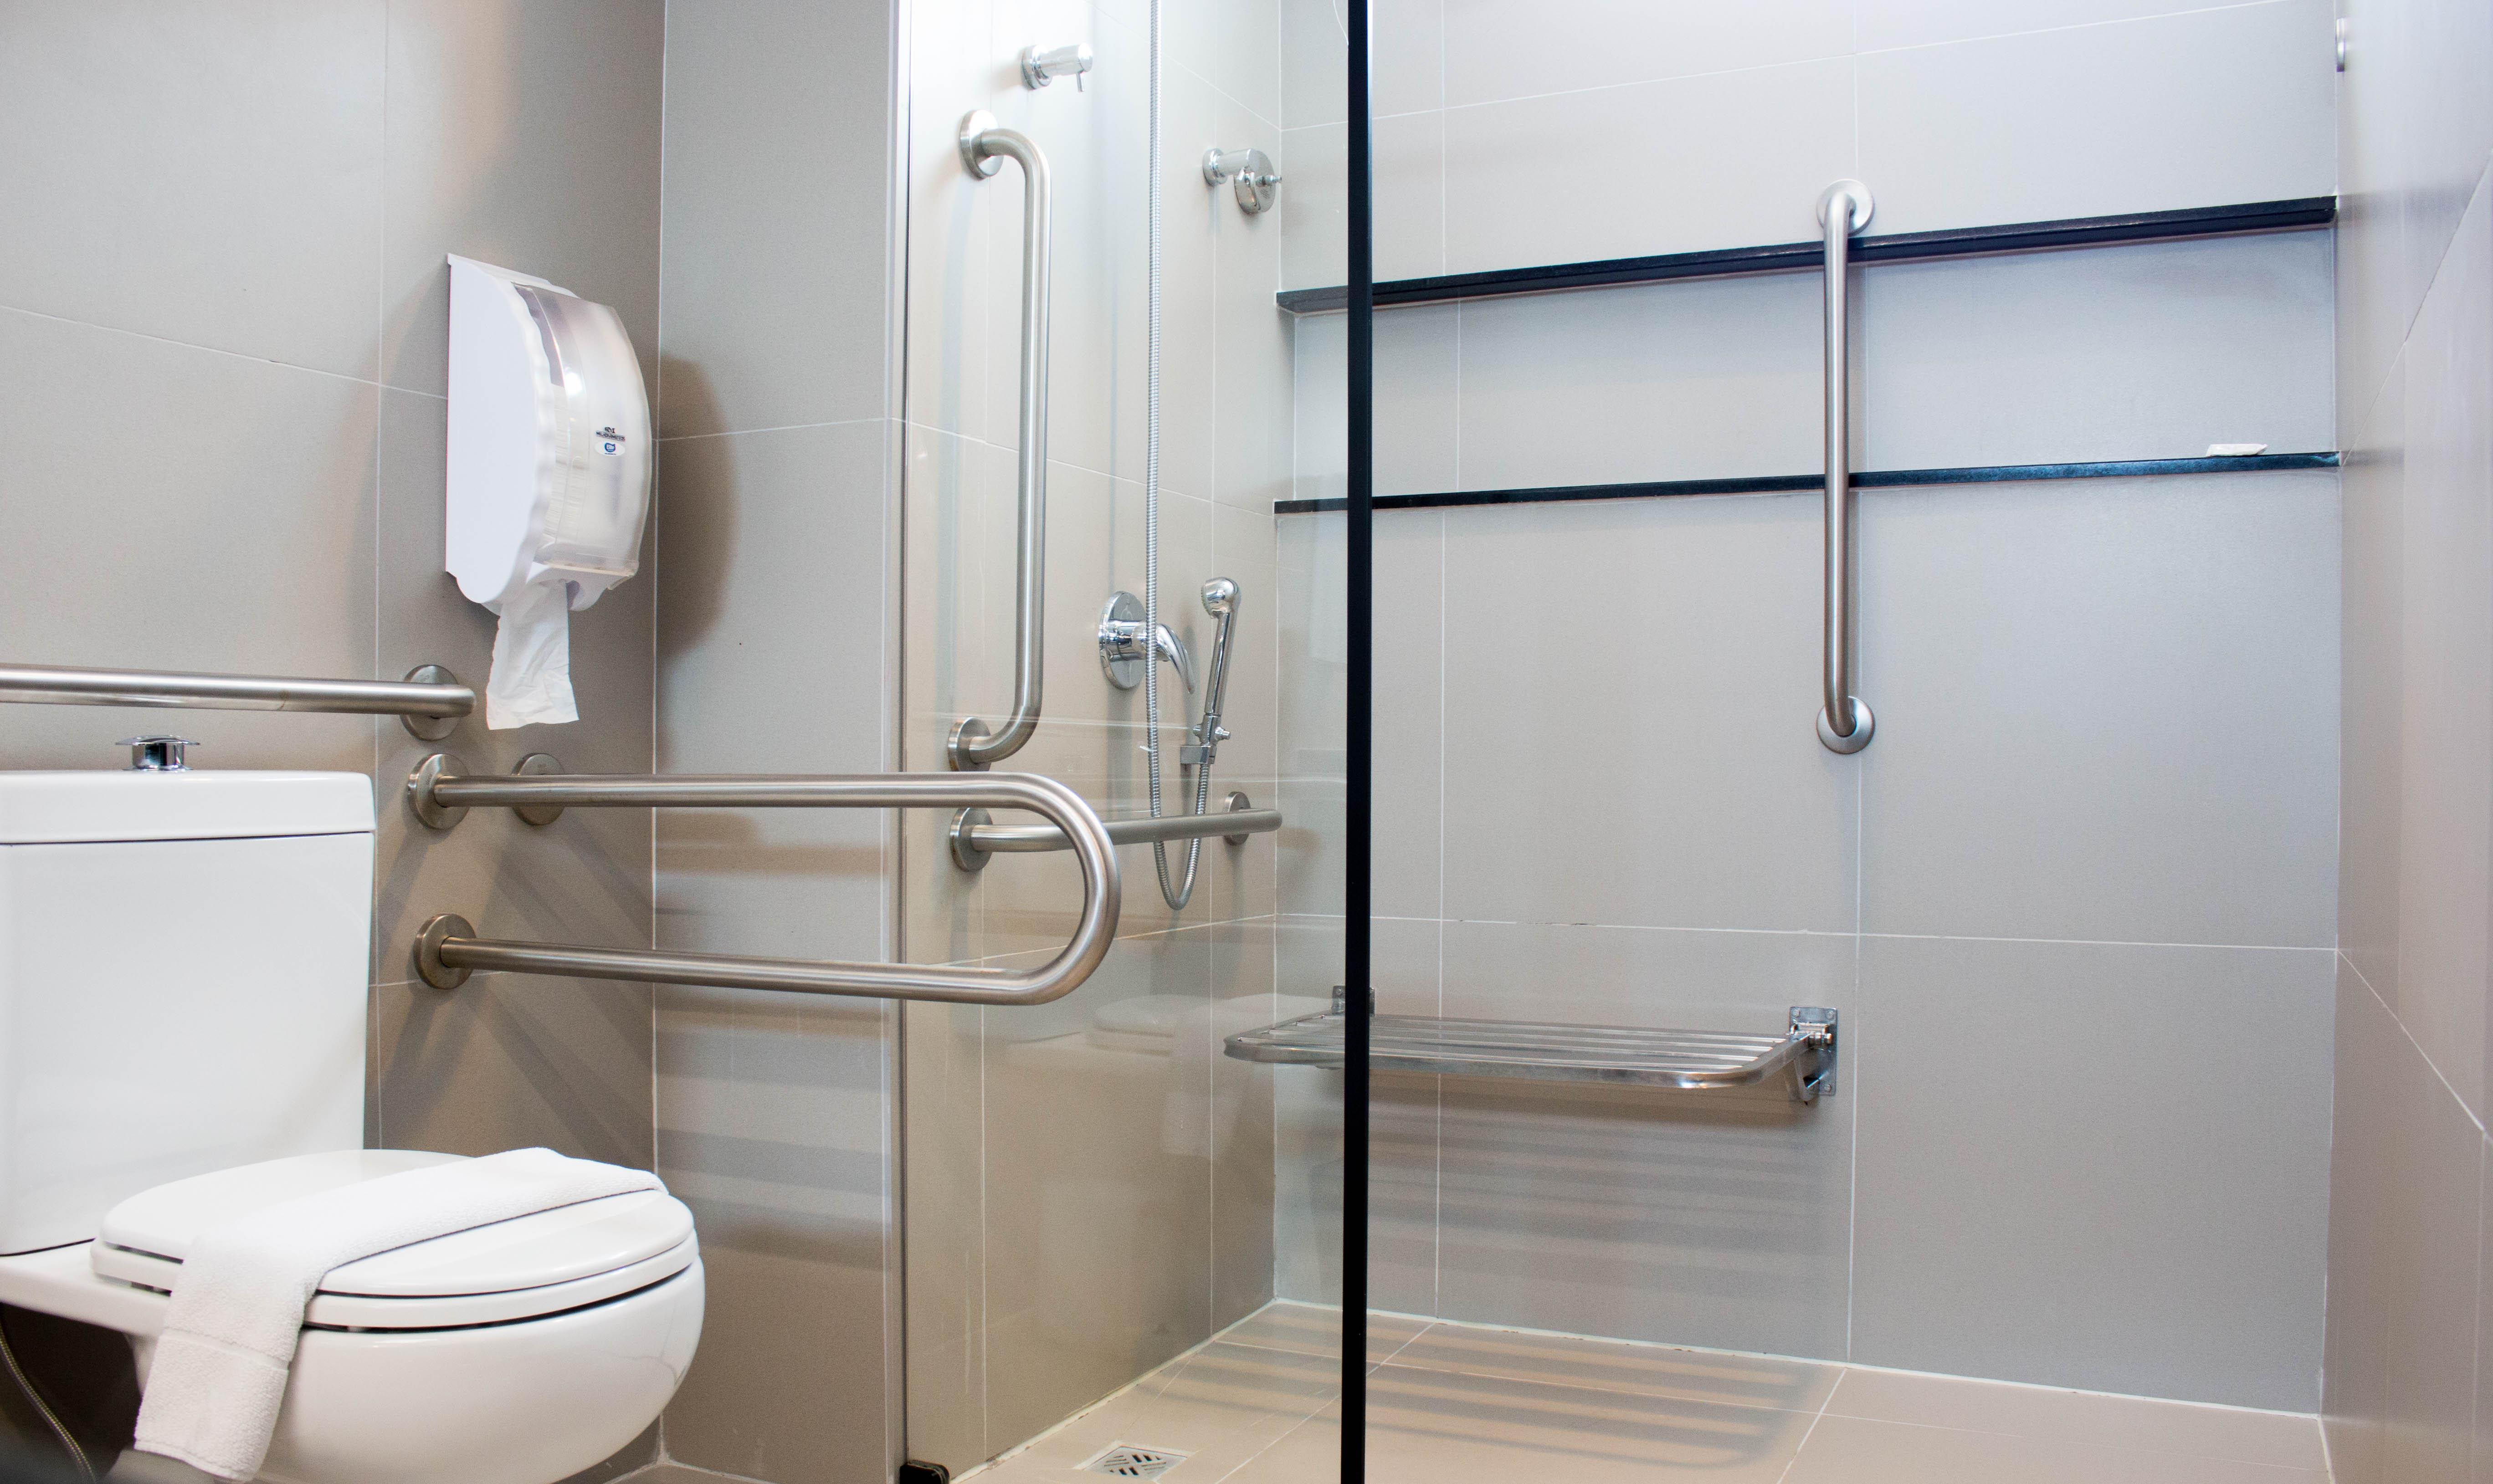 Banheiro de hotel com acessibilidade em Maceió, Alagoas